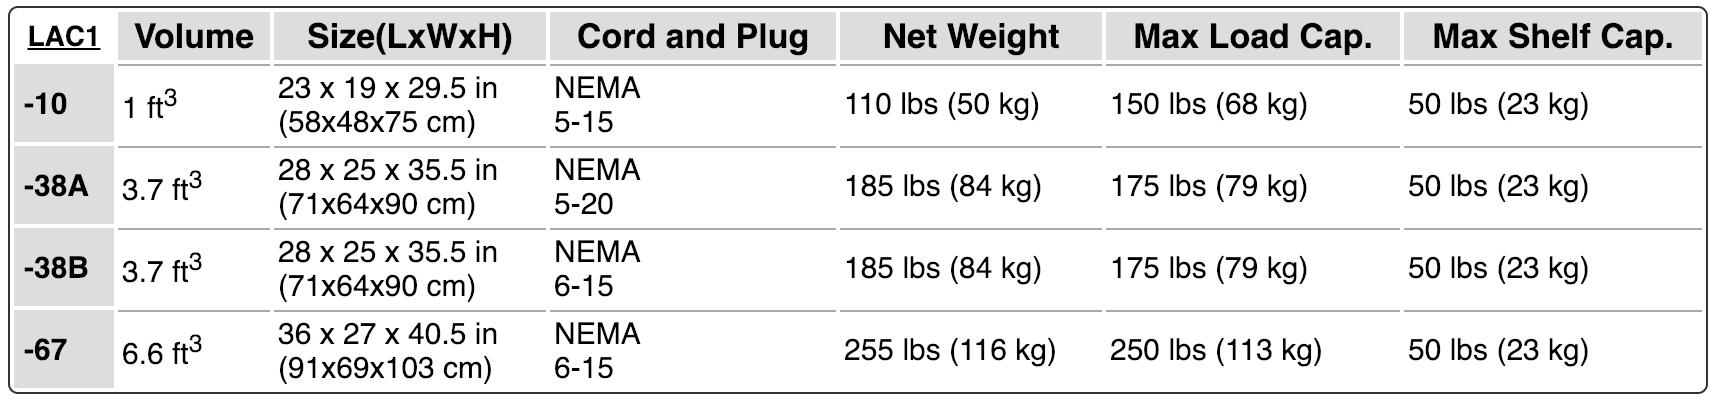 convertir 88 kilos a libras